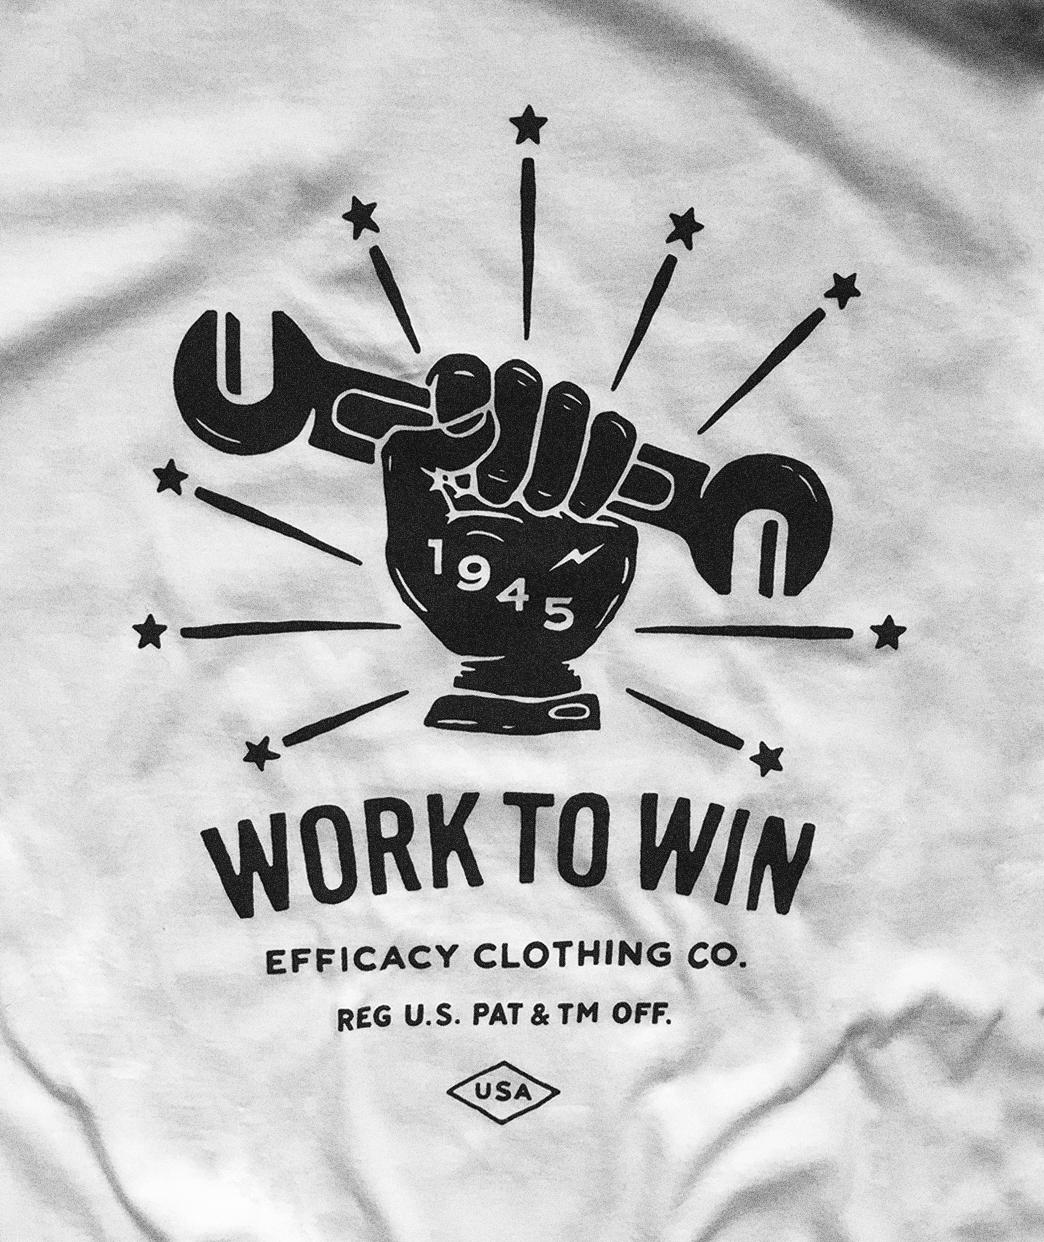 shirt_graphic_work-to-win.jpg